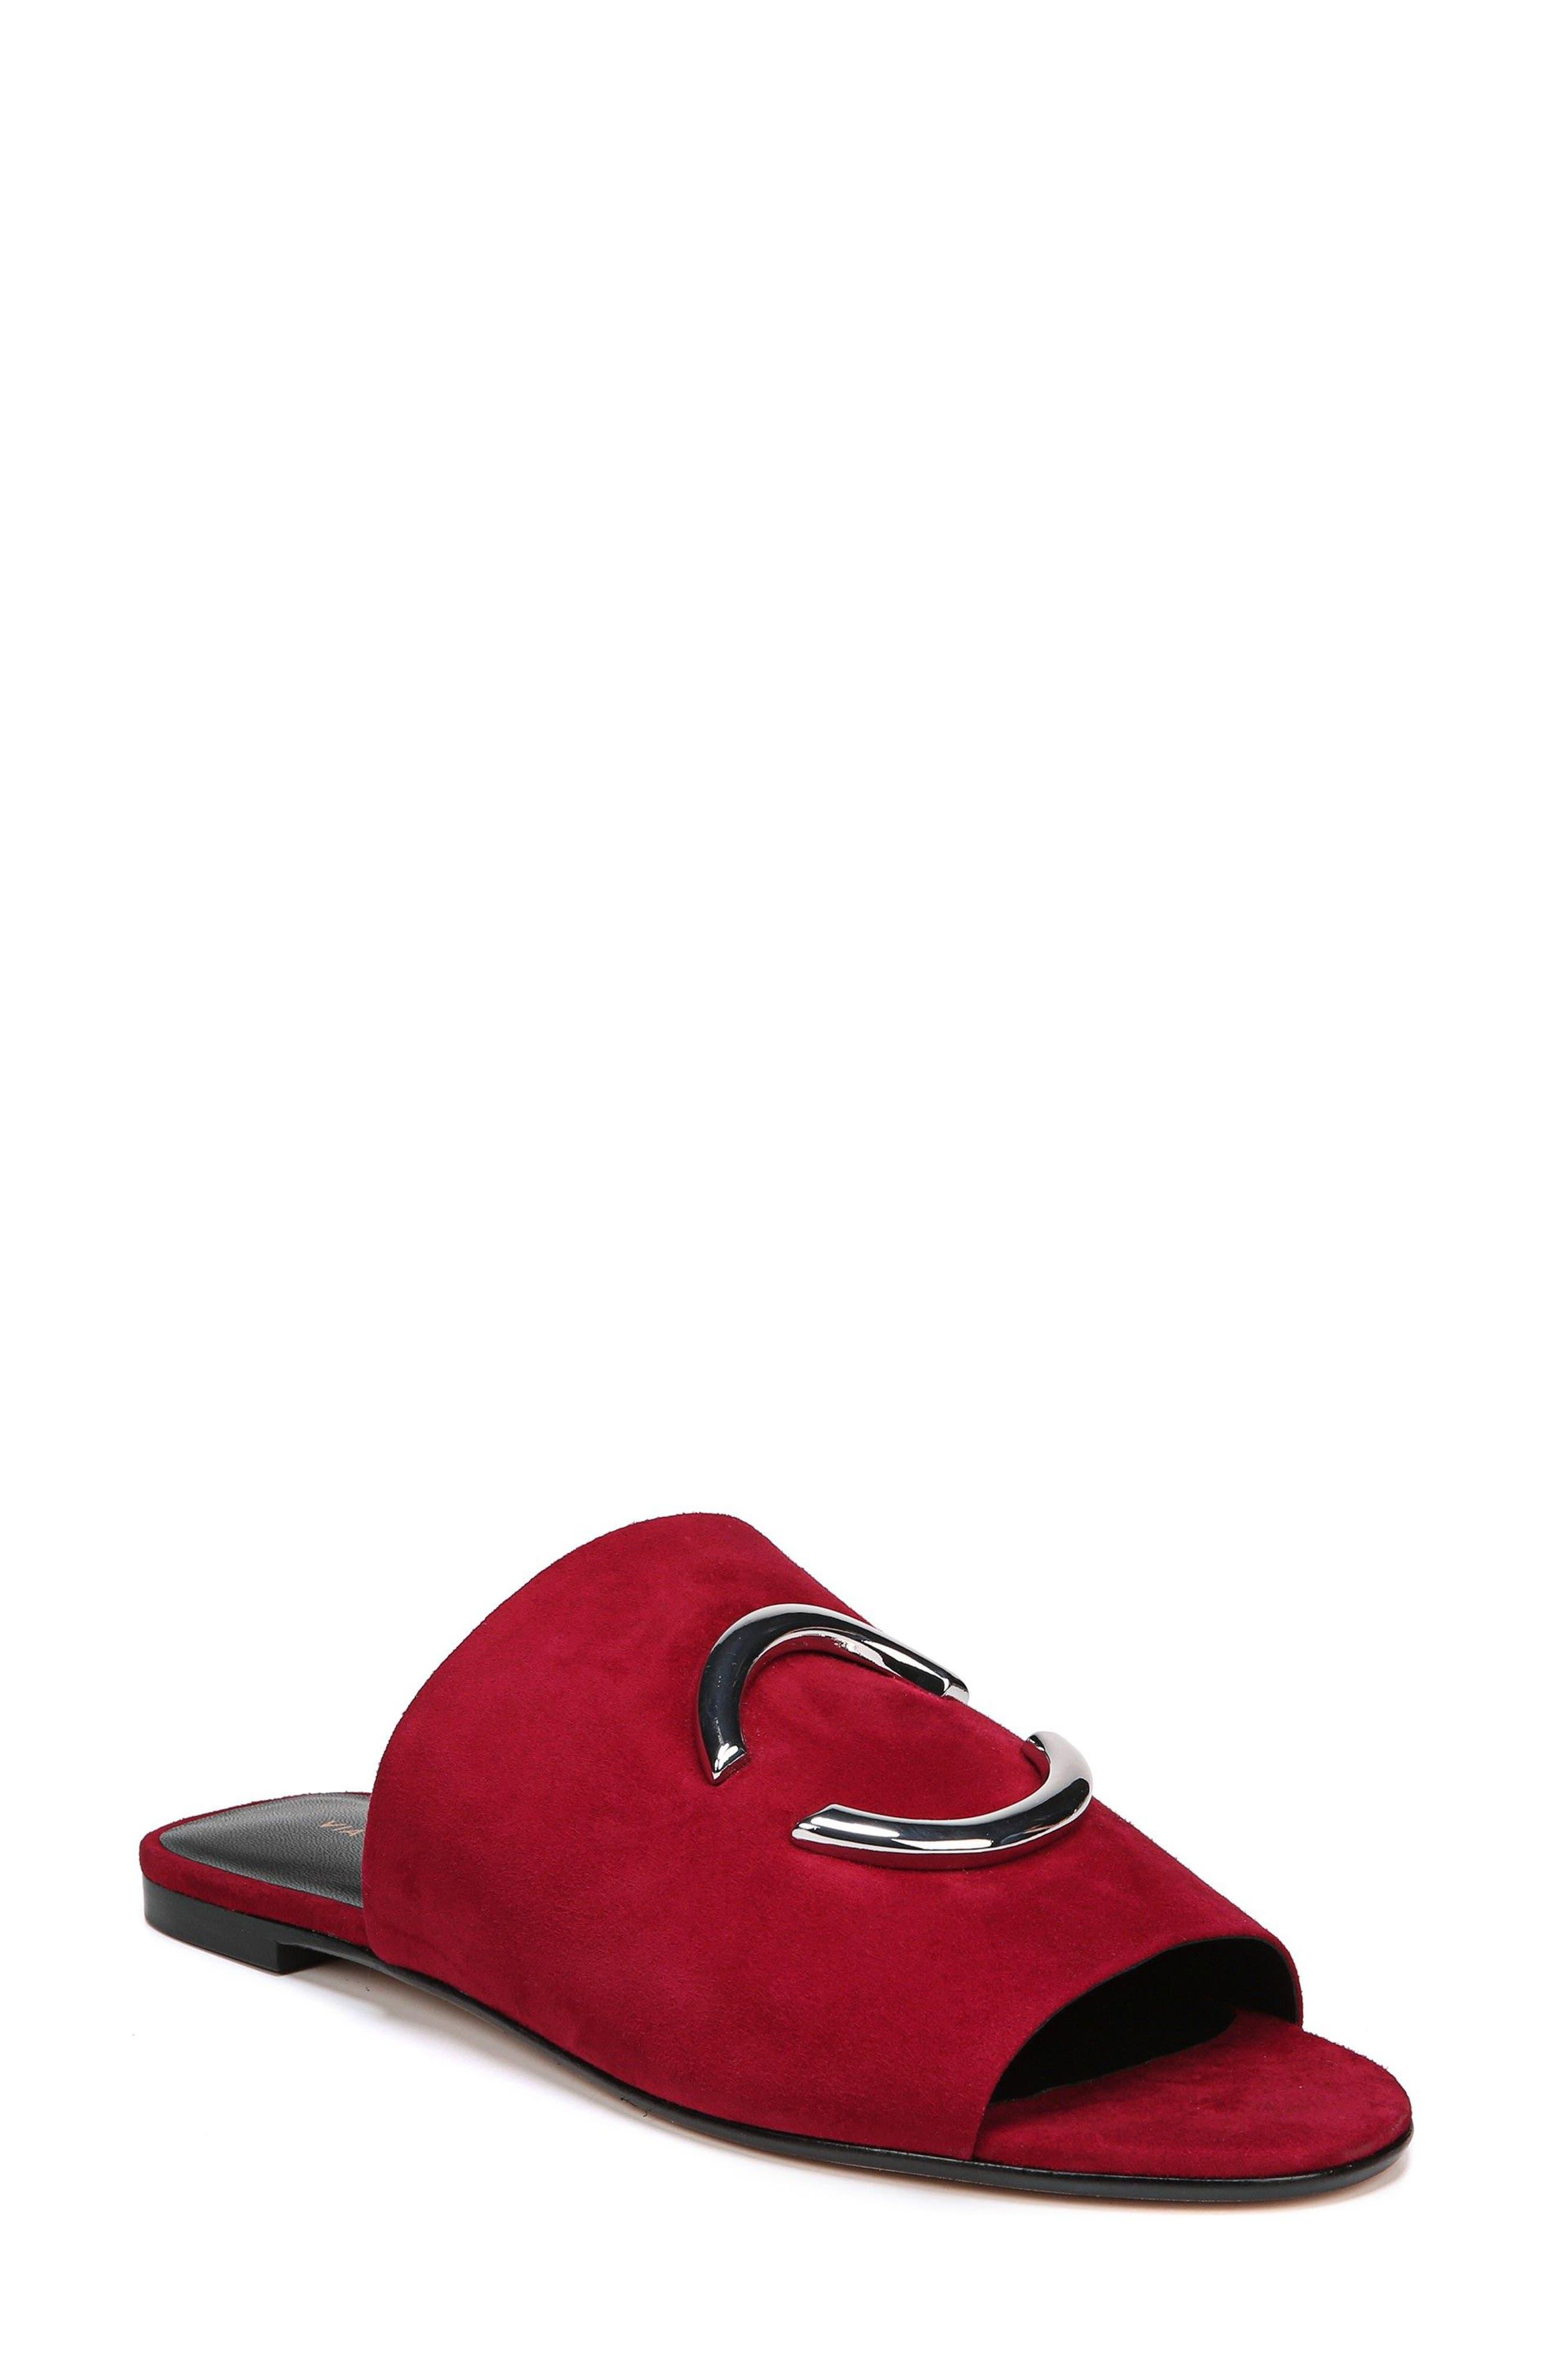 Helena Slide Sandal,                             Main thumbnail 1, color,                             Ruby Suede